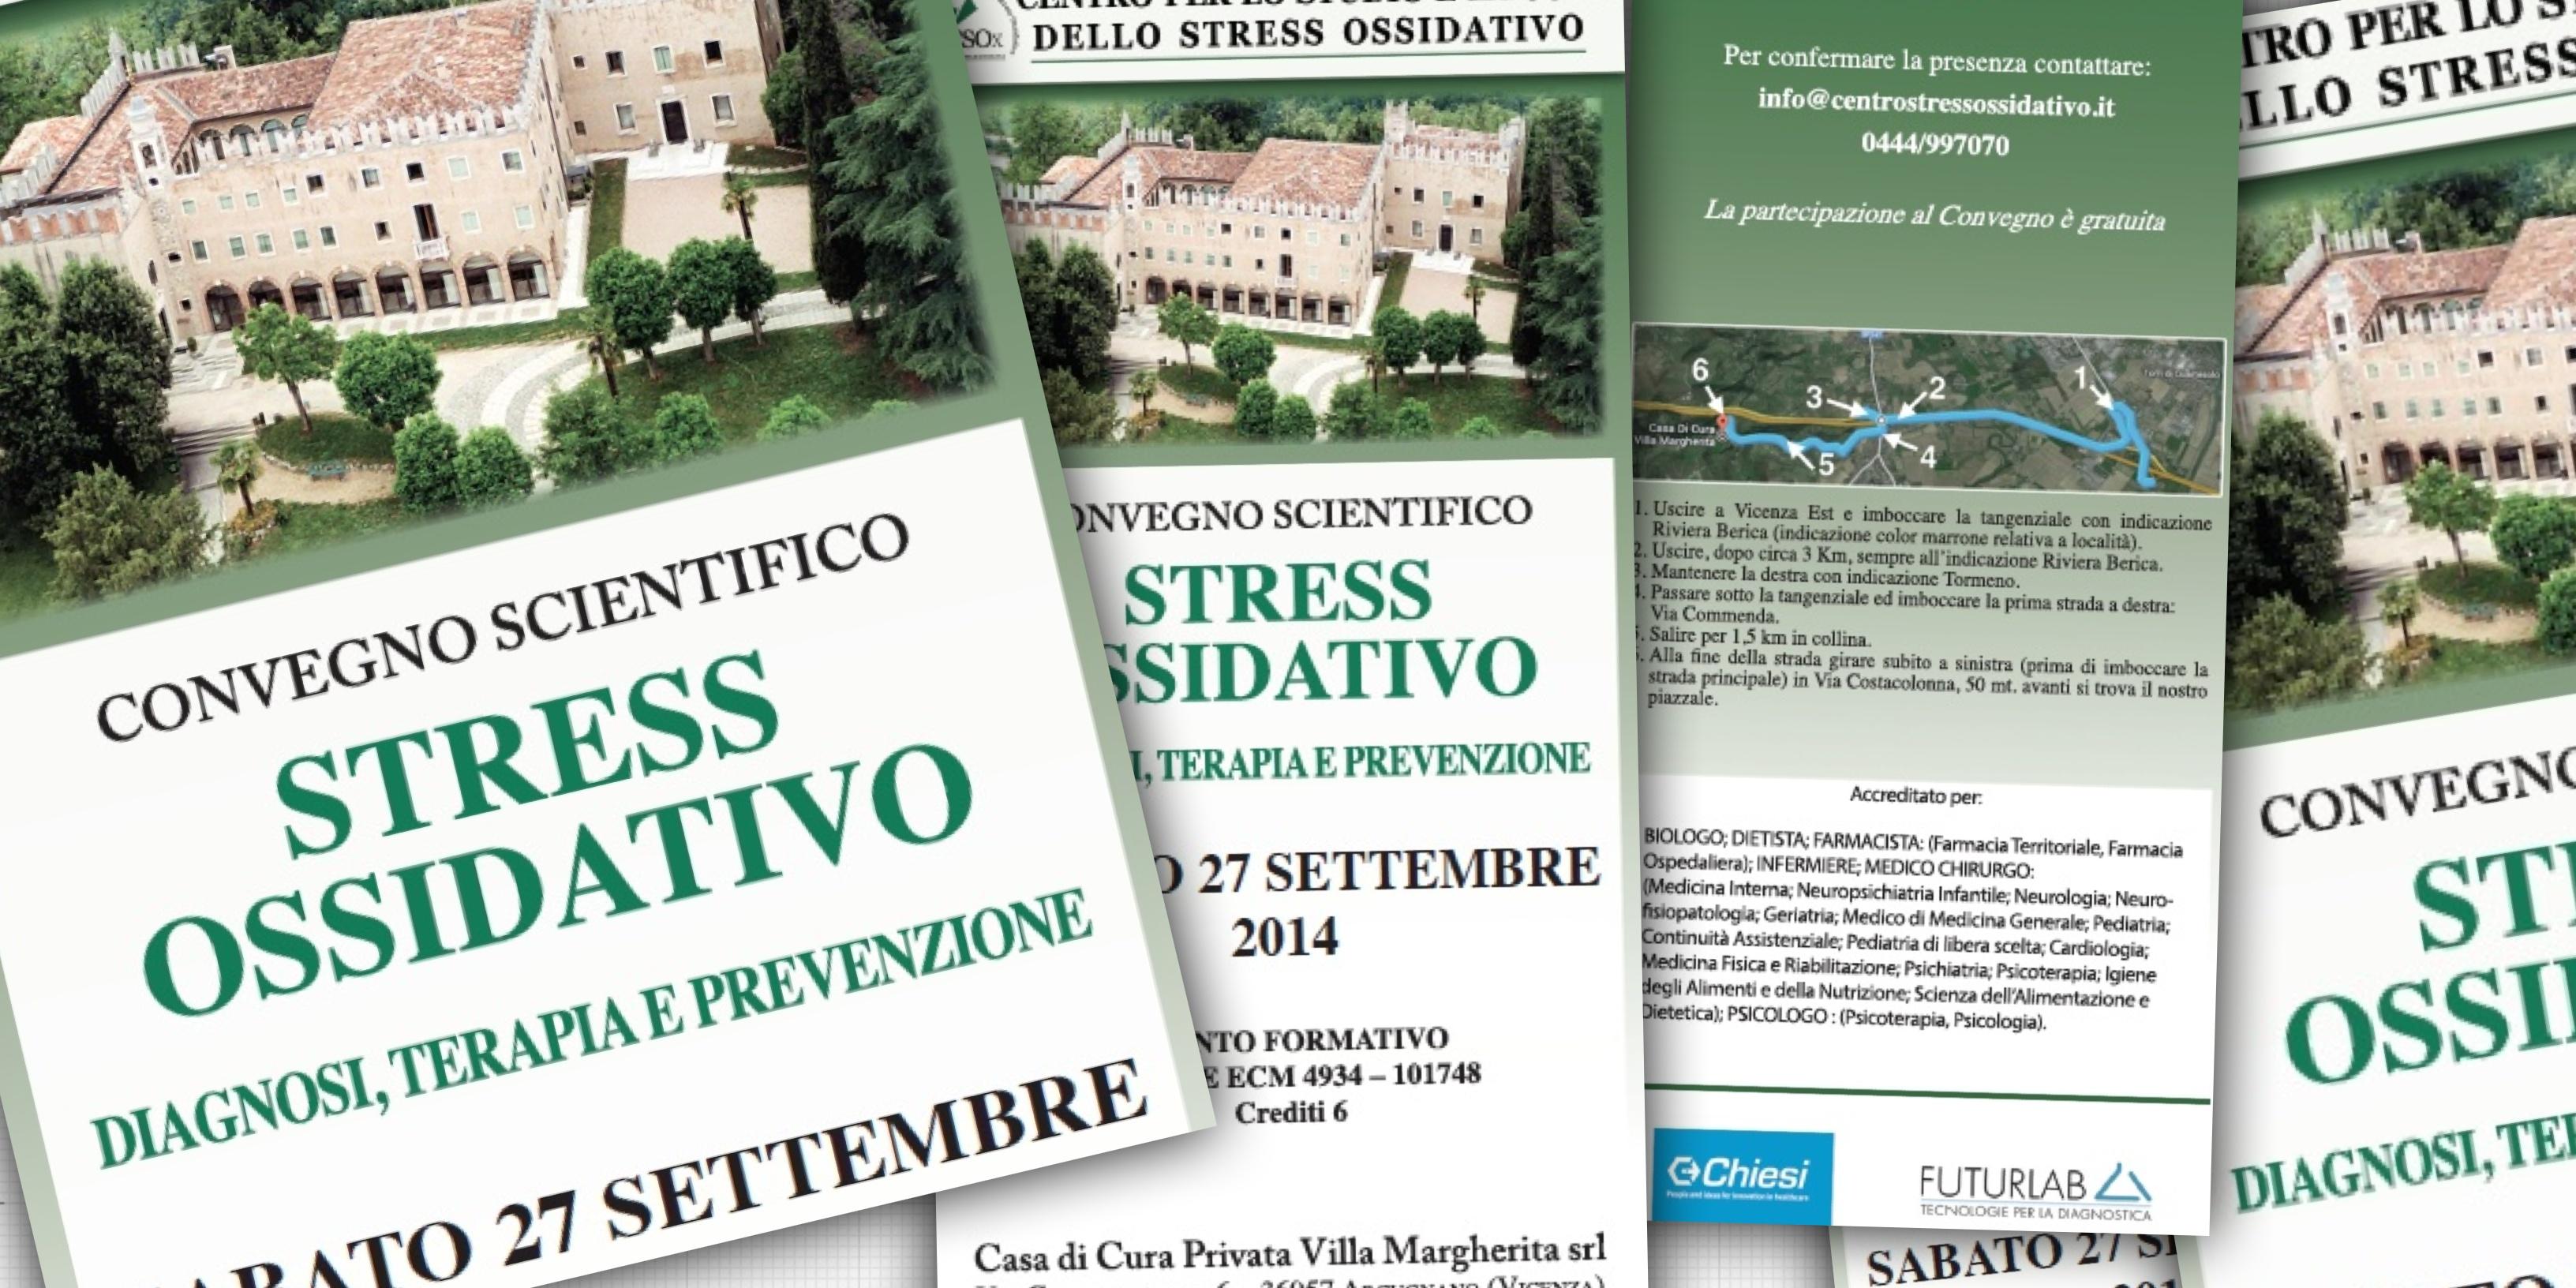 27/09/14 Convegno: Stress Ossidativo Diagnosi, Terapia e Prevenzione